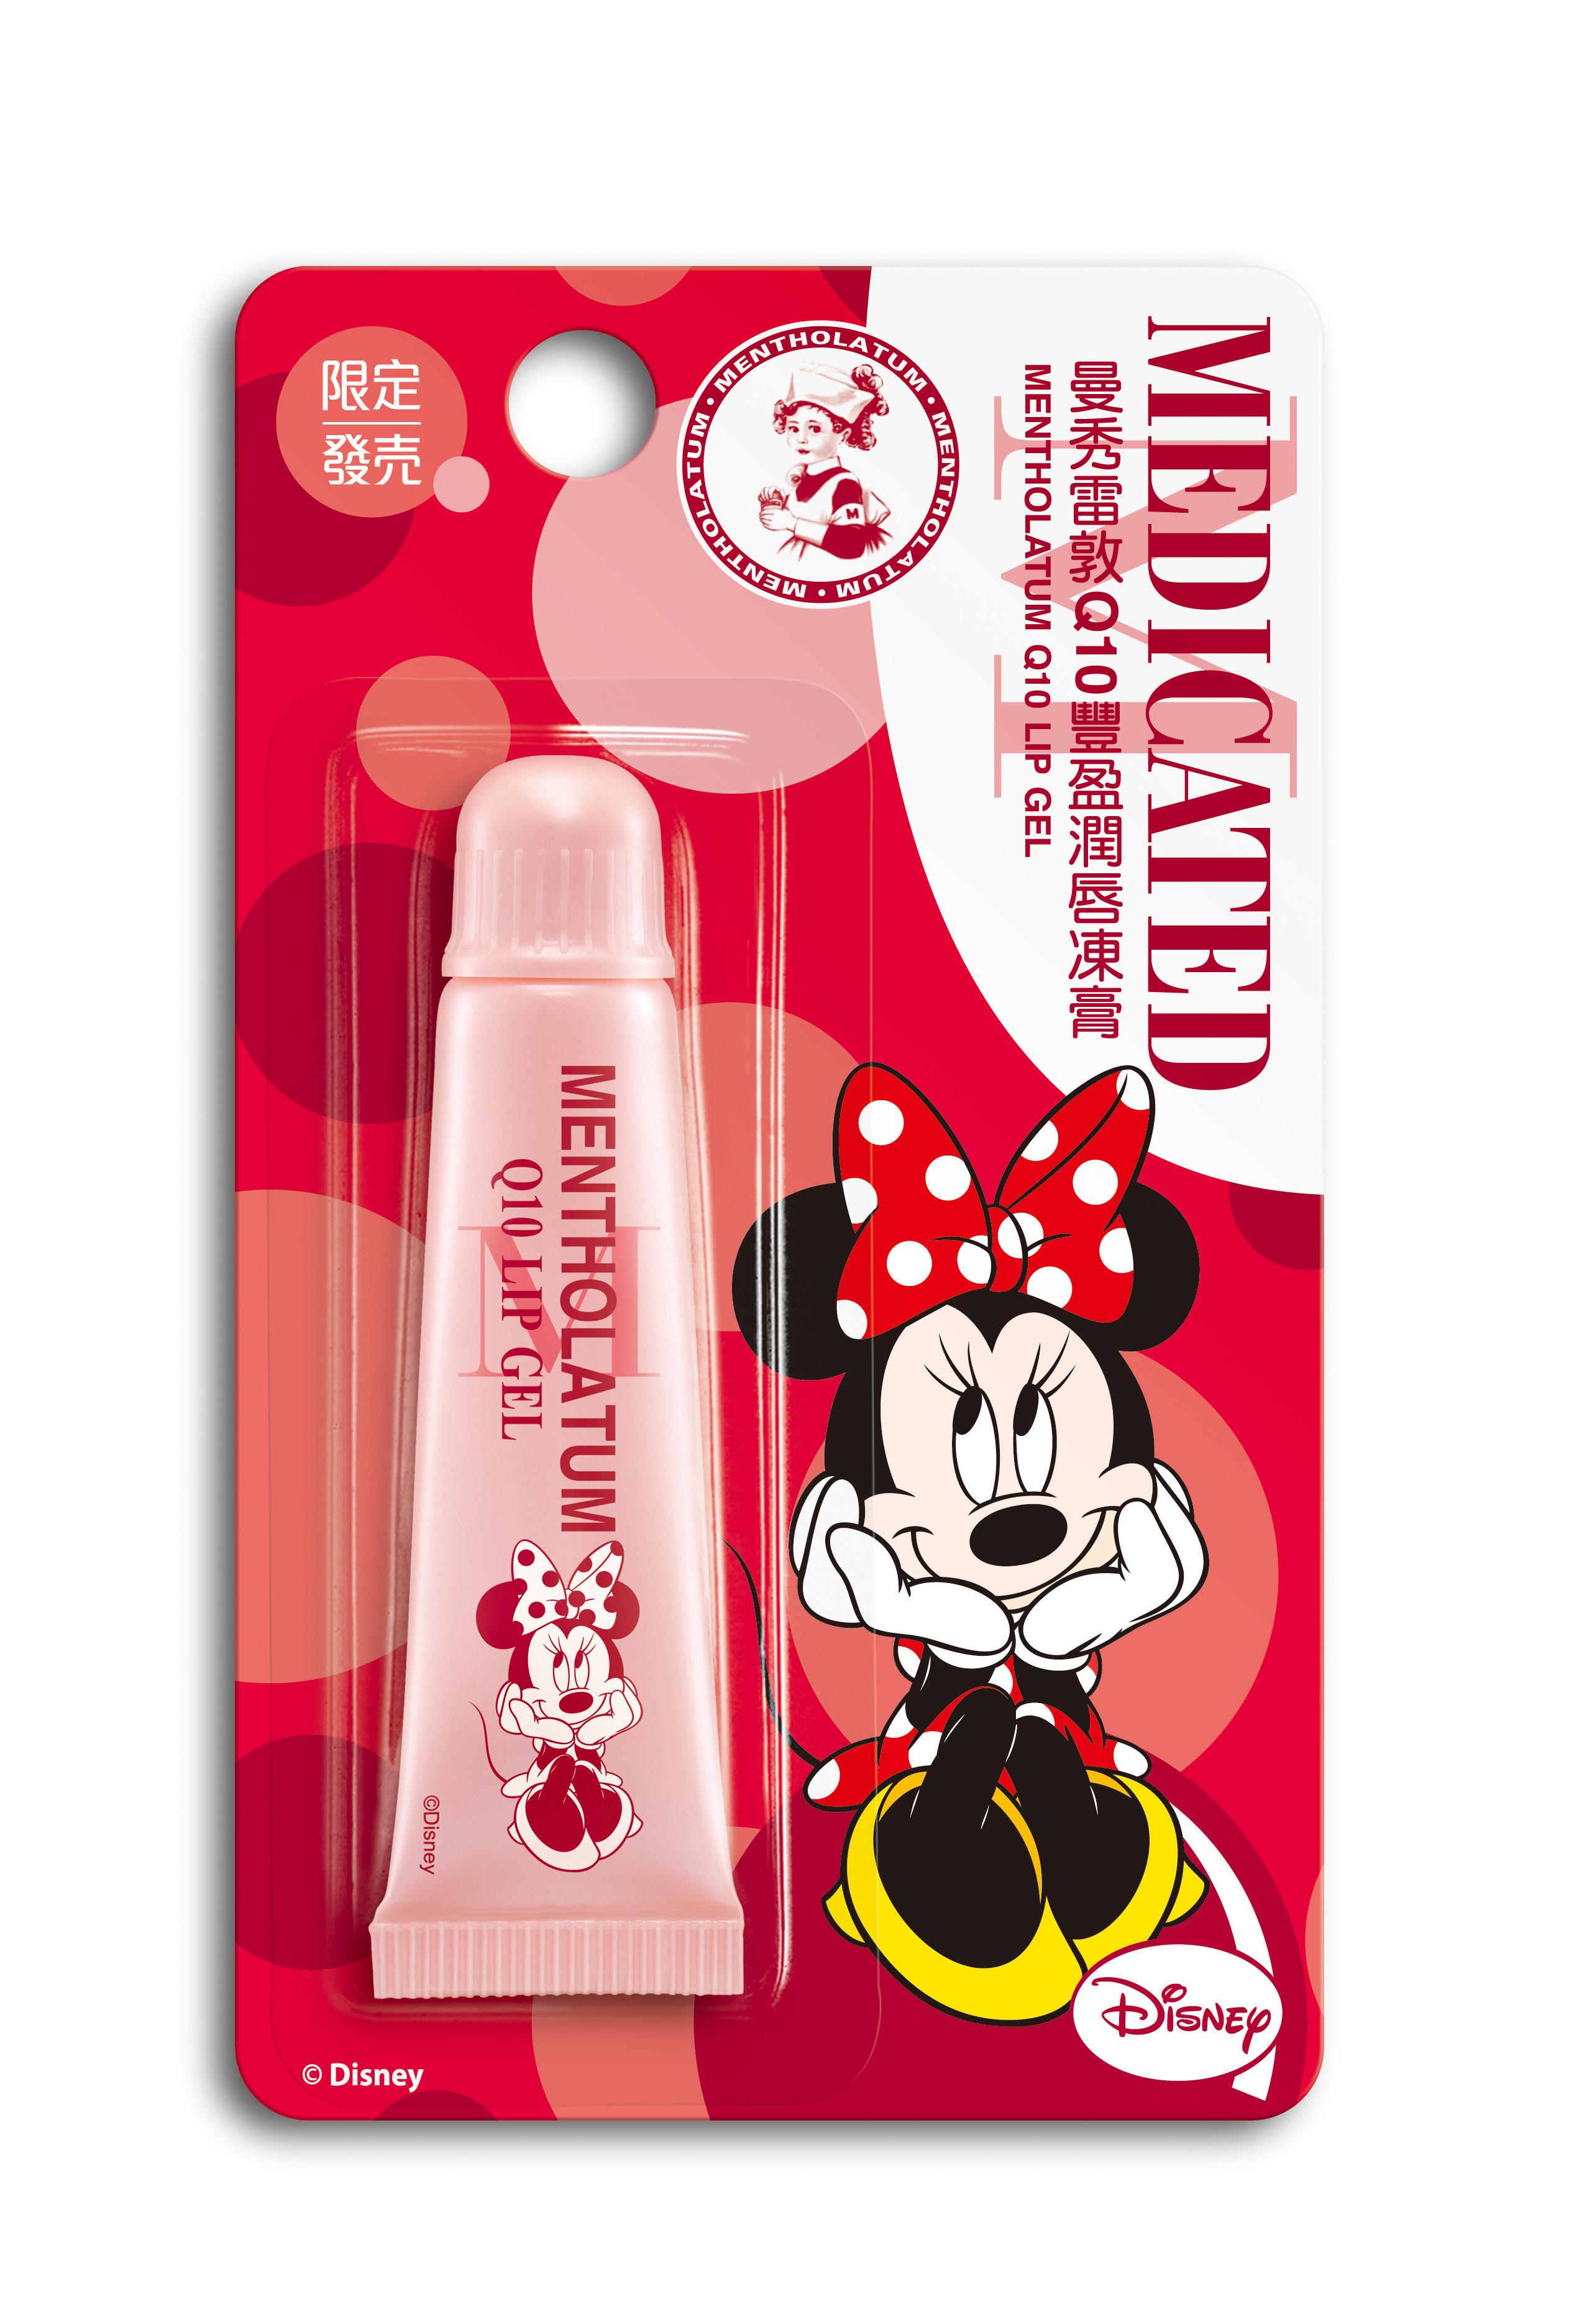 2015 曼秀雷敦潤唇凍膏Disney限定版 - Q10豐盈潤唇凍膏